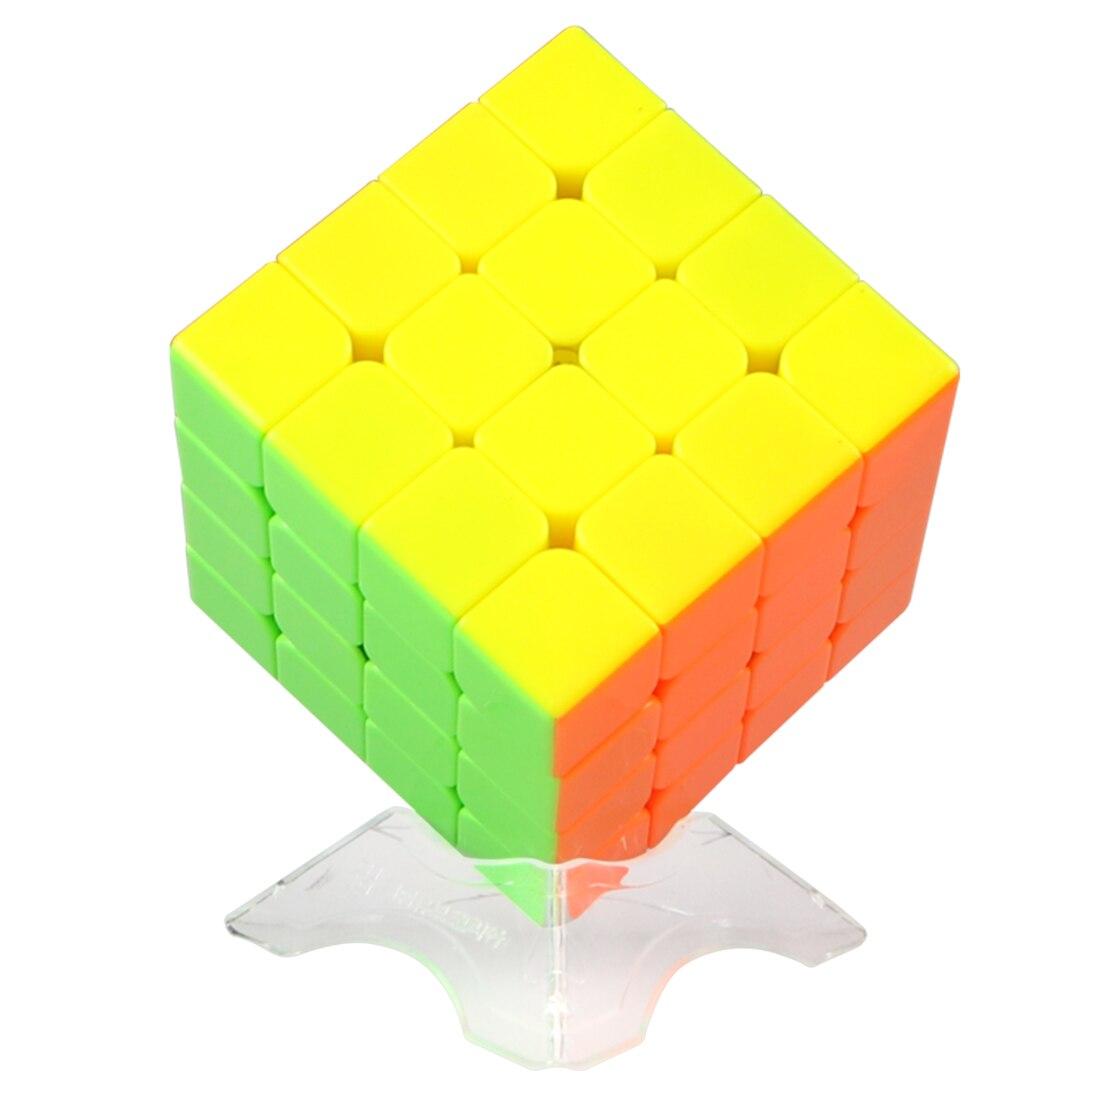 2019 nouvelle arrivée Qiyi Mofangge Wuque Mini Type magnétique 4x4 Cube magique jouets éducatifs pour l'entraînement du cerveau